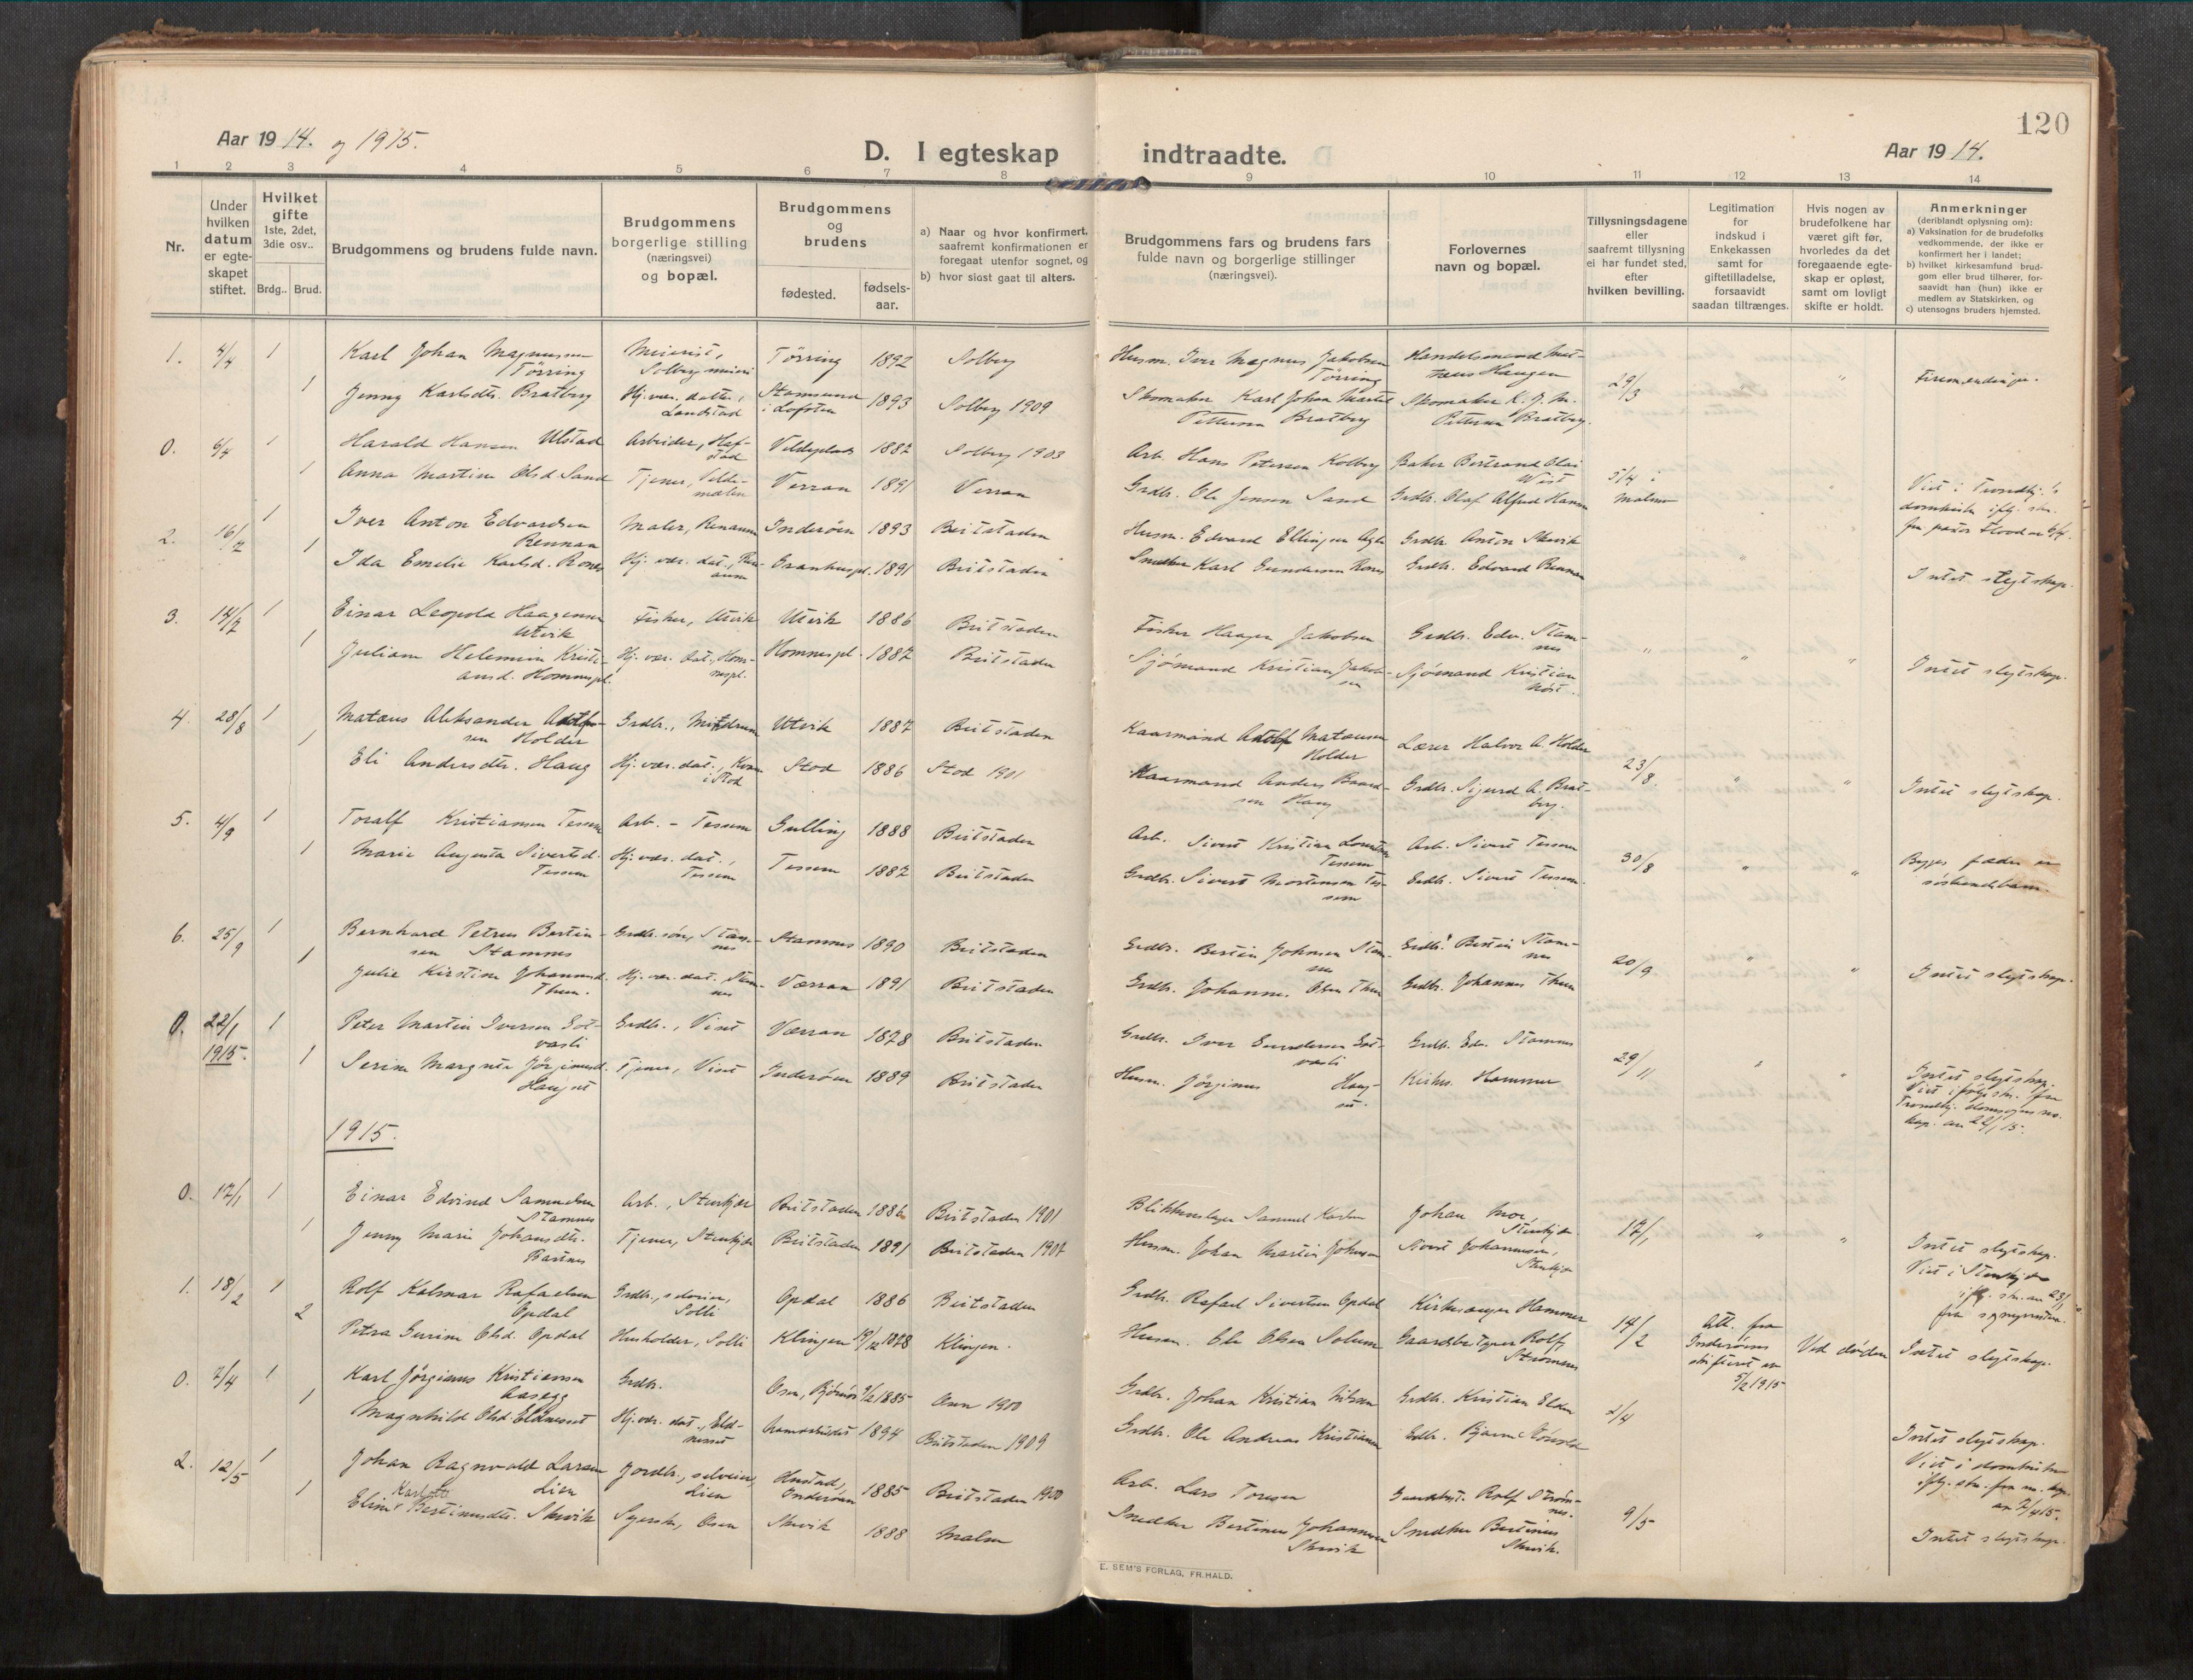 SAT, Beitstad sokneprestkontor, I/I1/I1a/L0001: Ministerialbok nr. 1, 1912-1927, s. 120